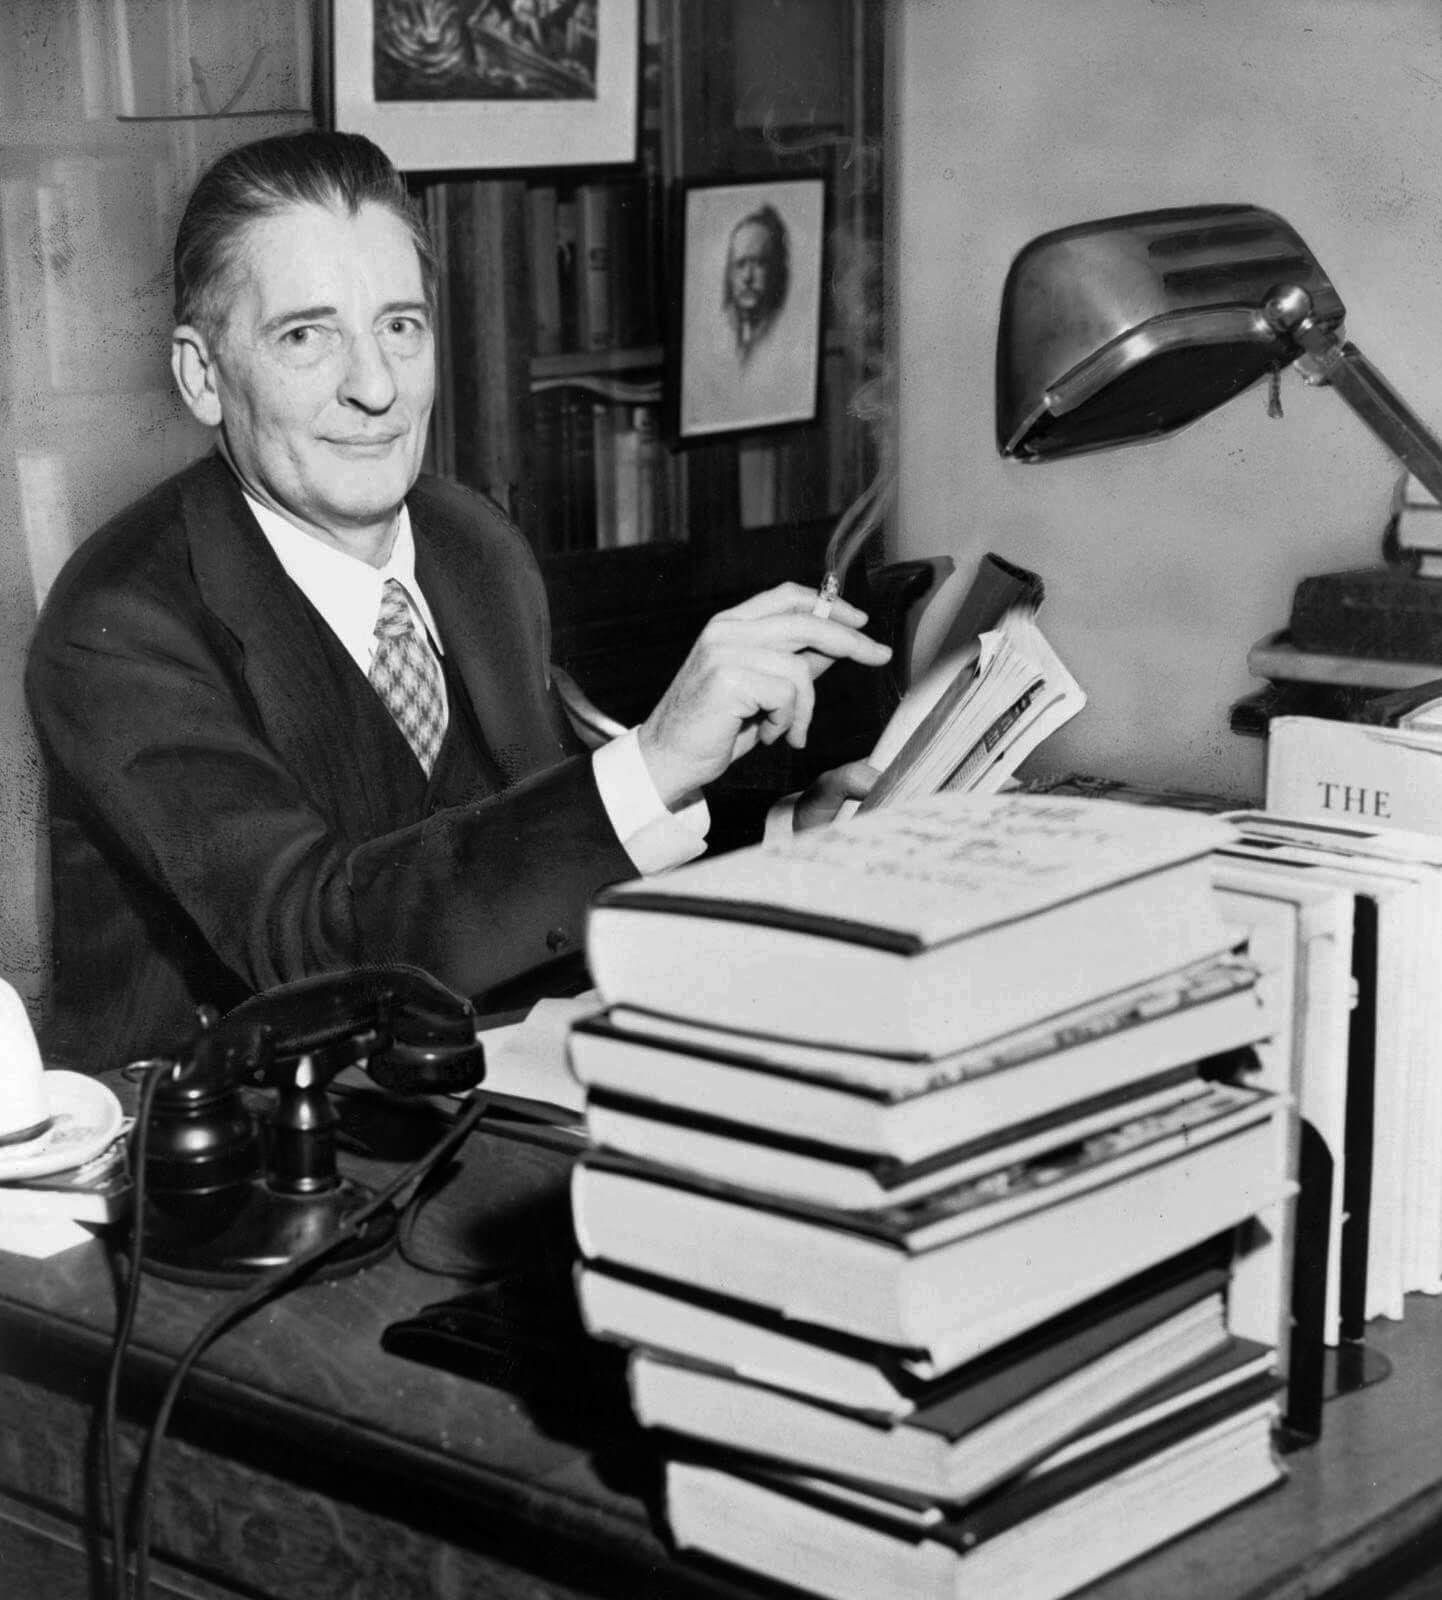 Максвелл Перкинс — влиятельный американский редактор, открывший многих выдающихся писателей первой половины XX века. Источник: britannica.com